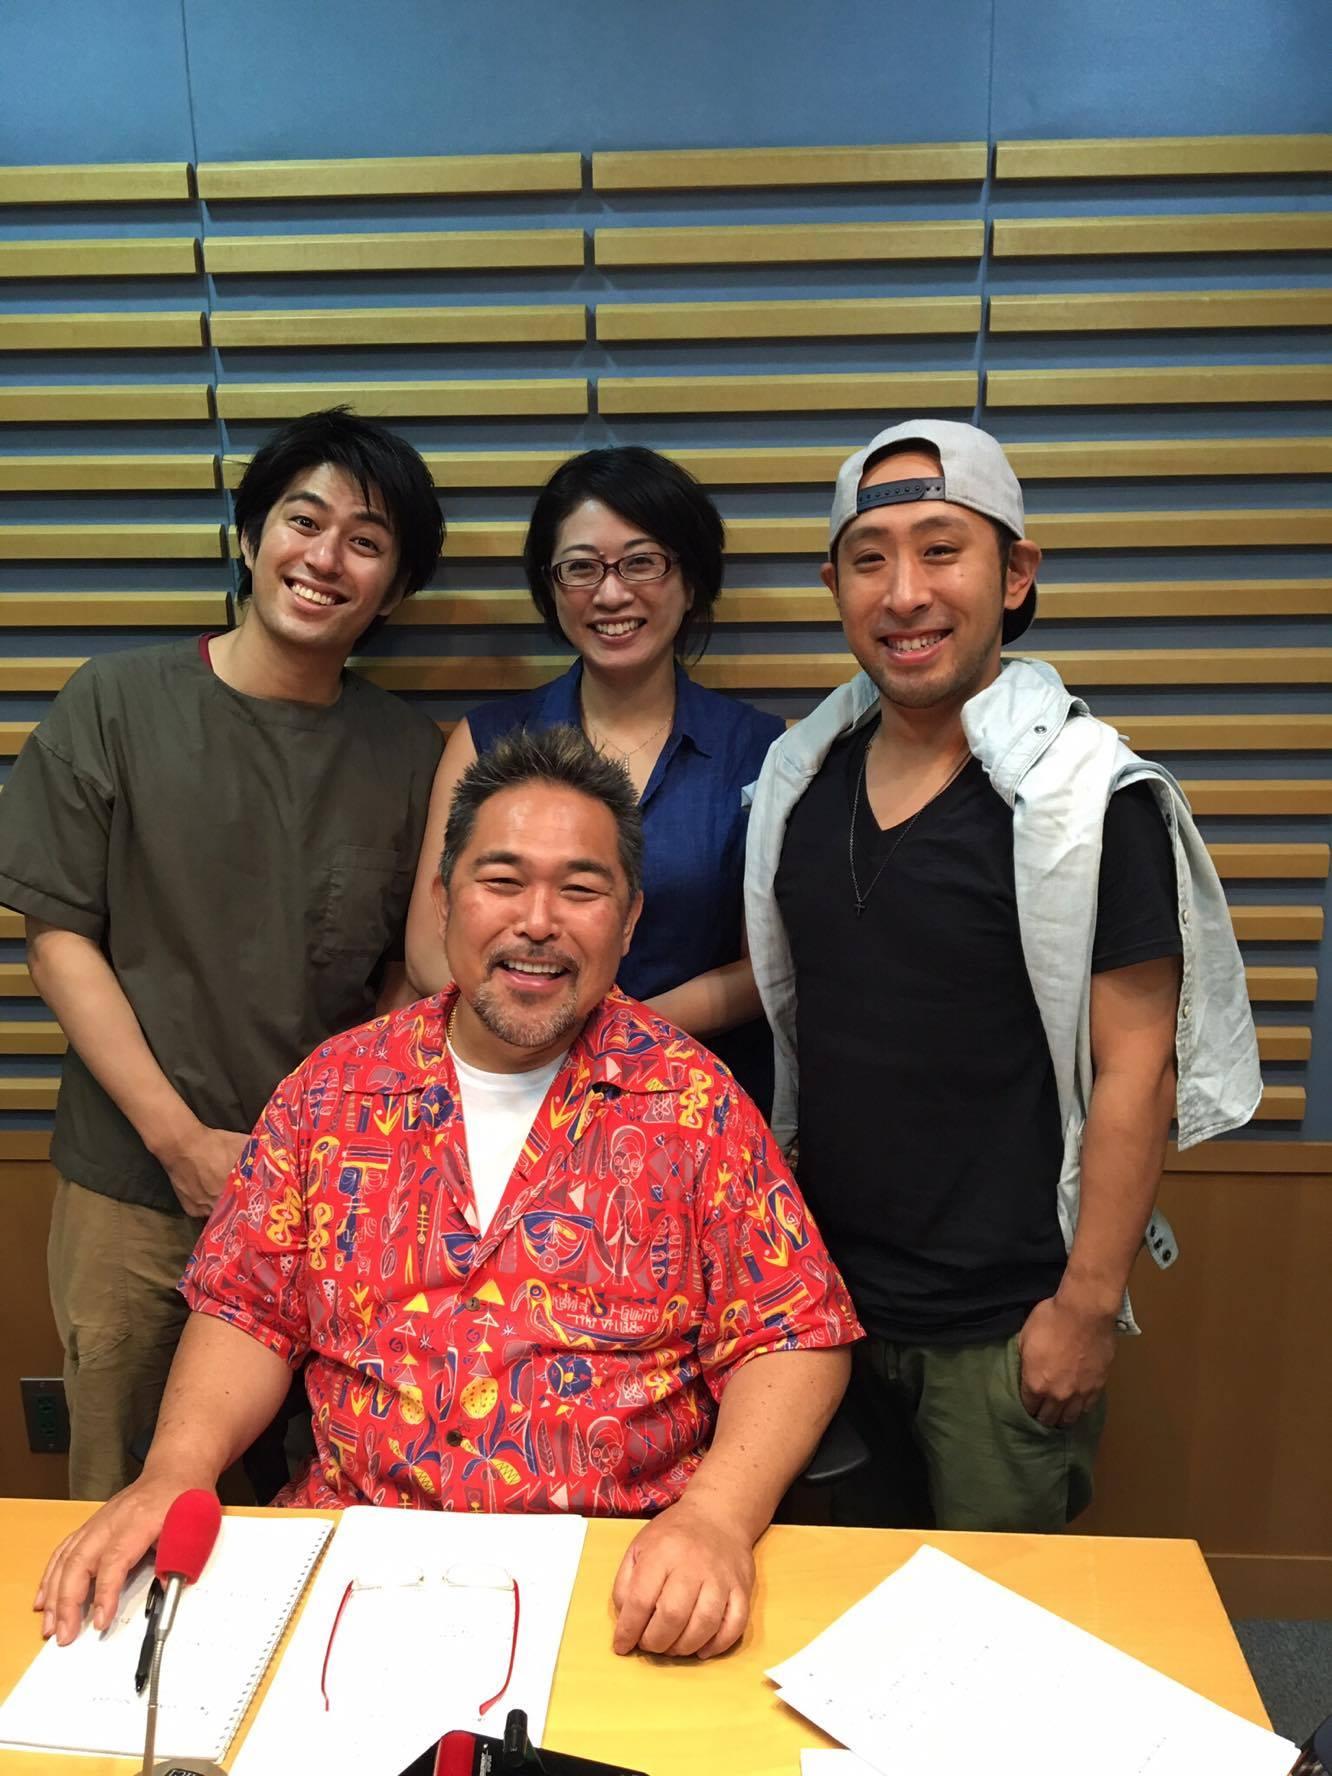 ヤミー:ニッポン放送さま 「森野熊八グルメタイム~ニッポン全国 うまい、うまい!~」   8/8~8/12 (出演予定)